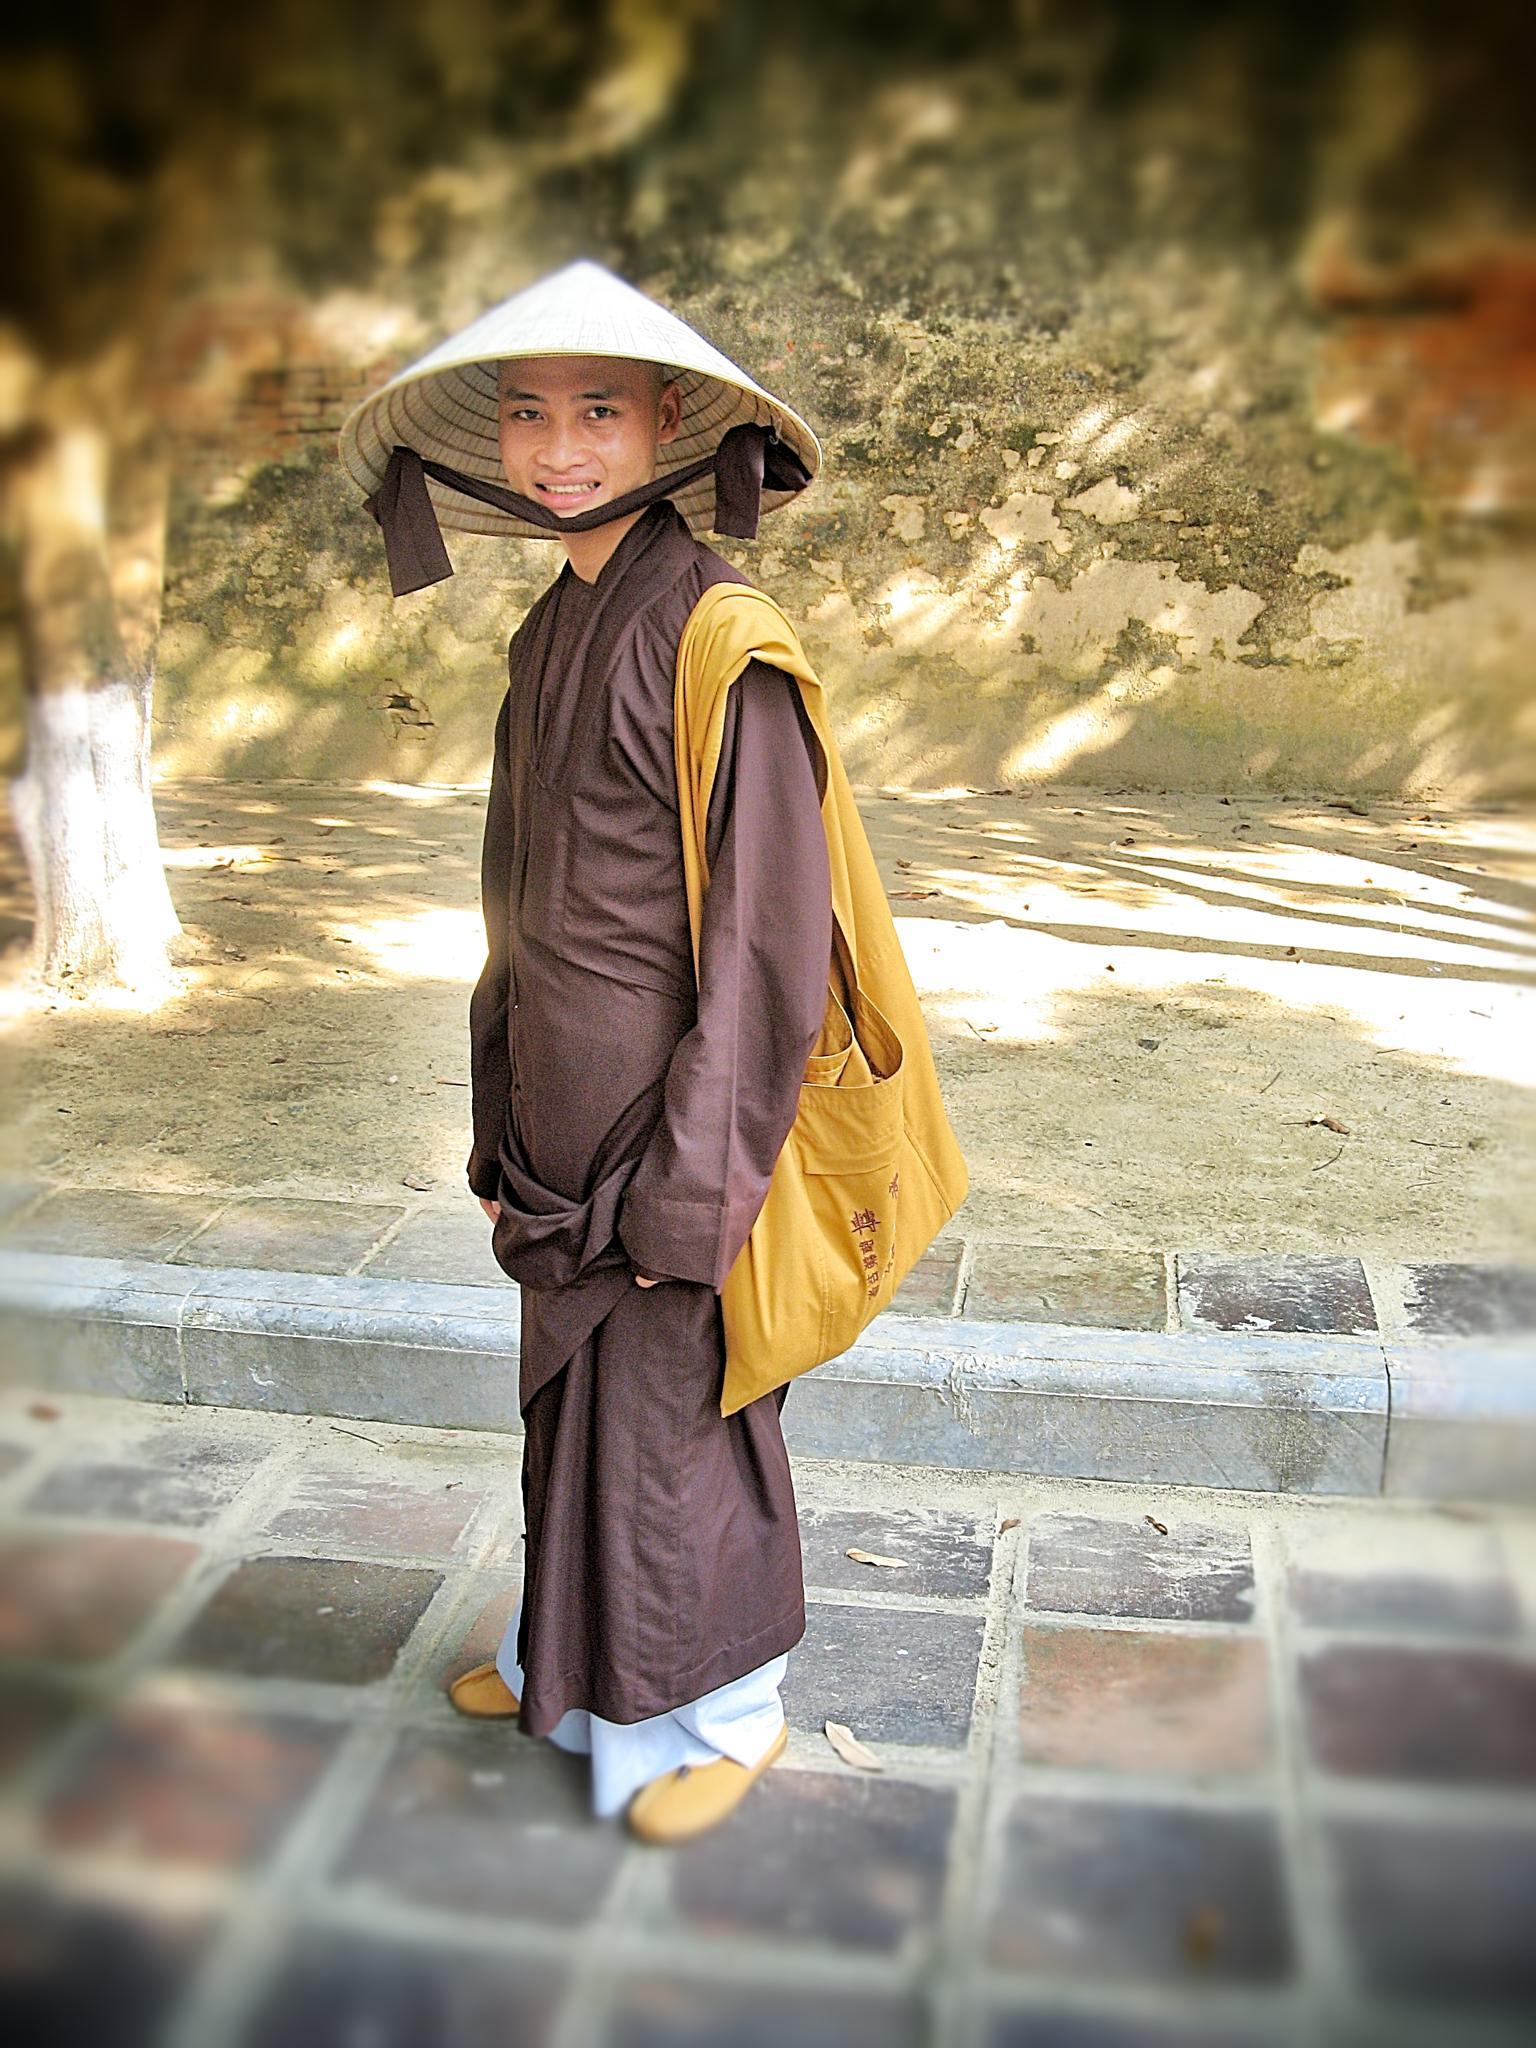 Smiling Monk. by Michael Lyon